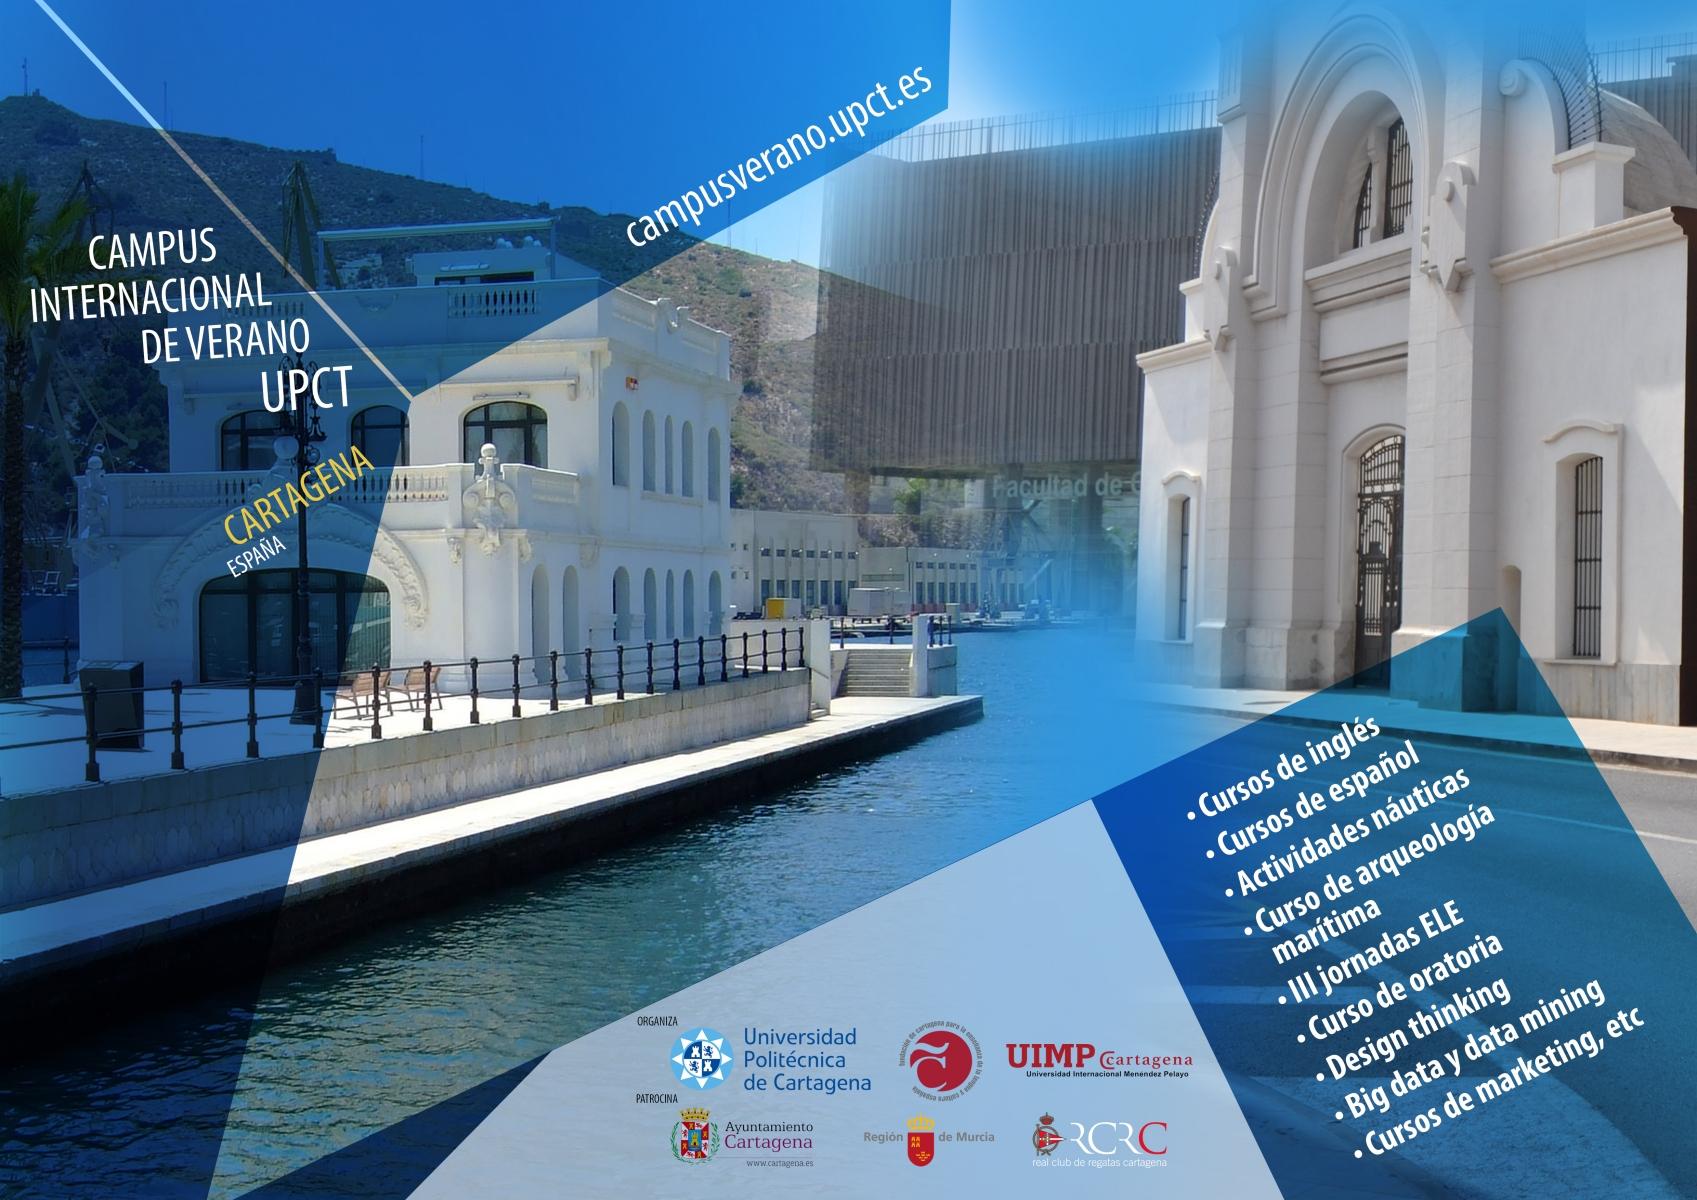 Campus Internacional de Verano UPCT